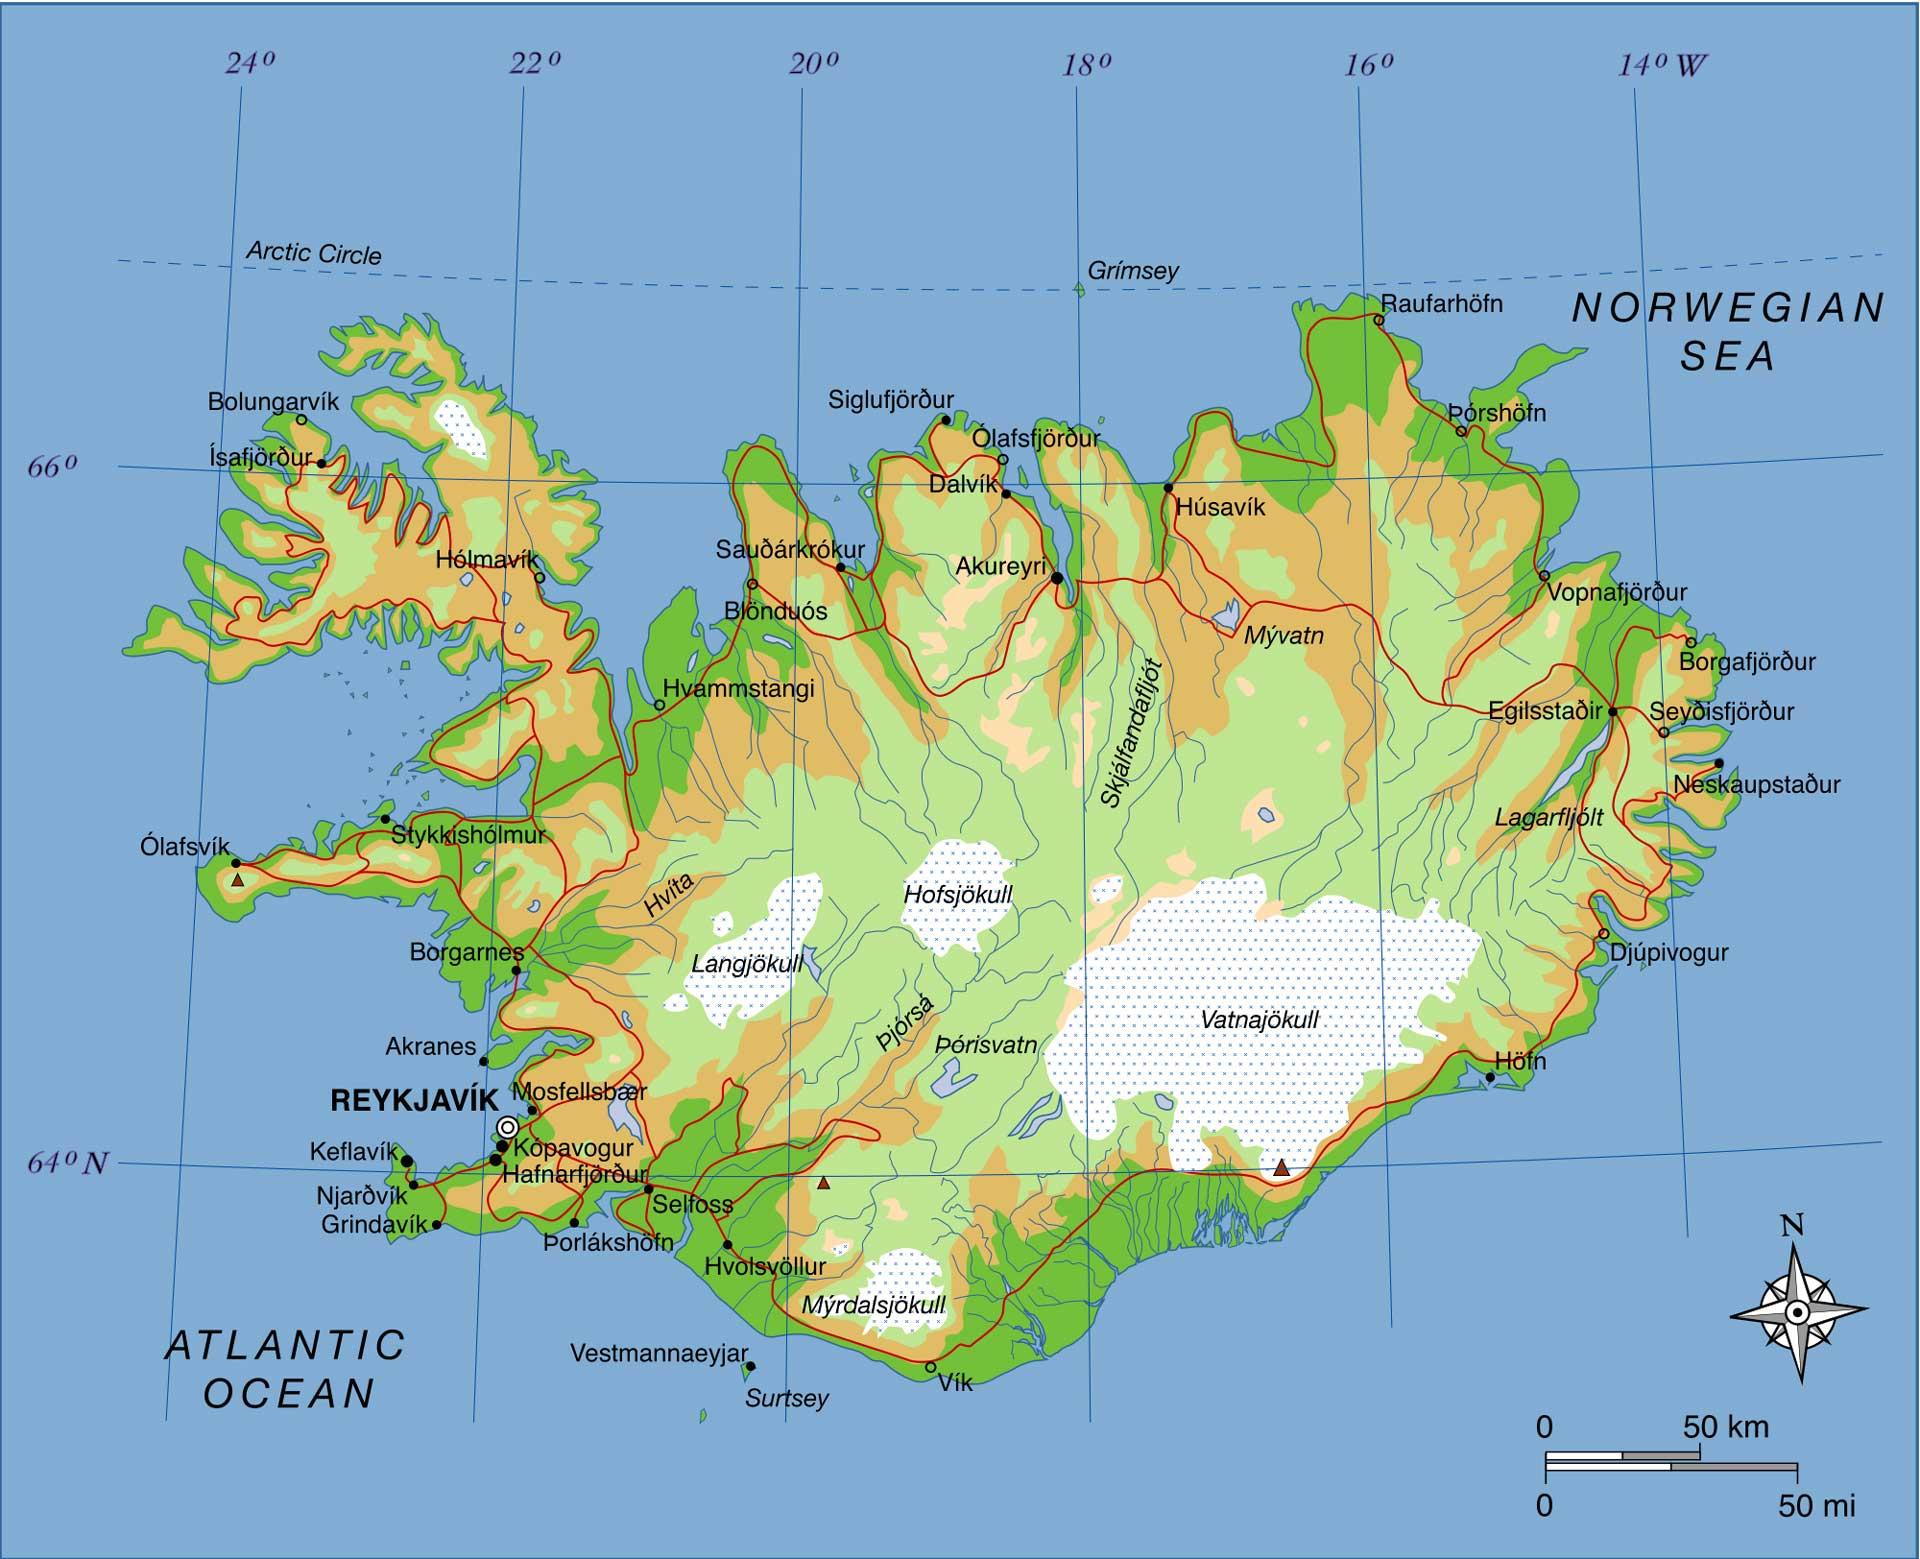 Cartina Norvegia Da Stampare.Mappe Di Islanda E Cartine Utili Per Un On The Road Valeria Castiello